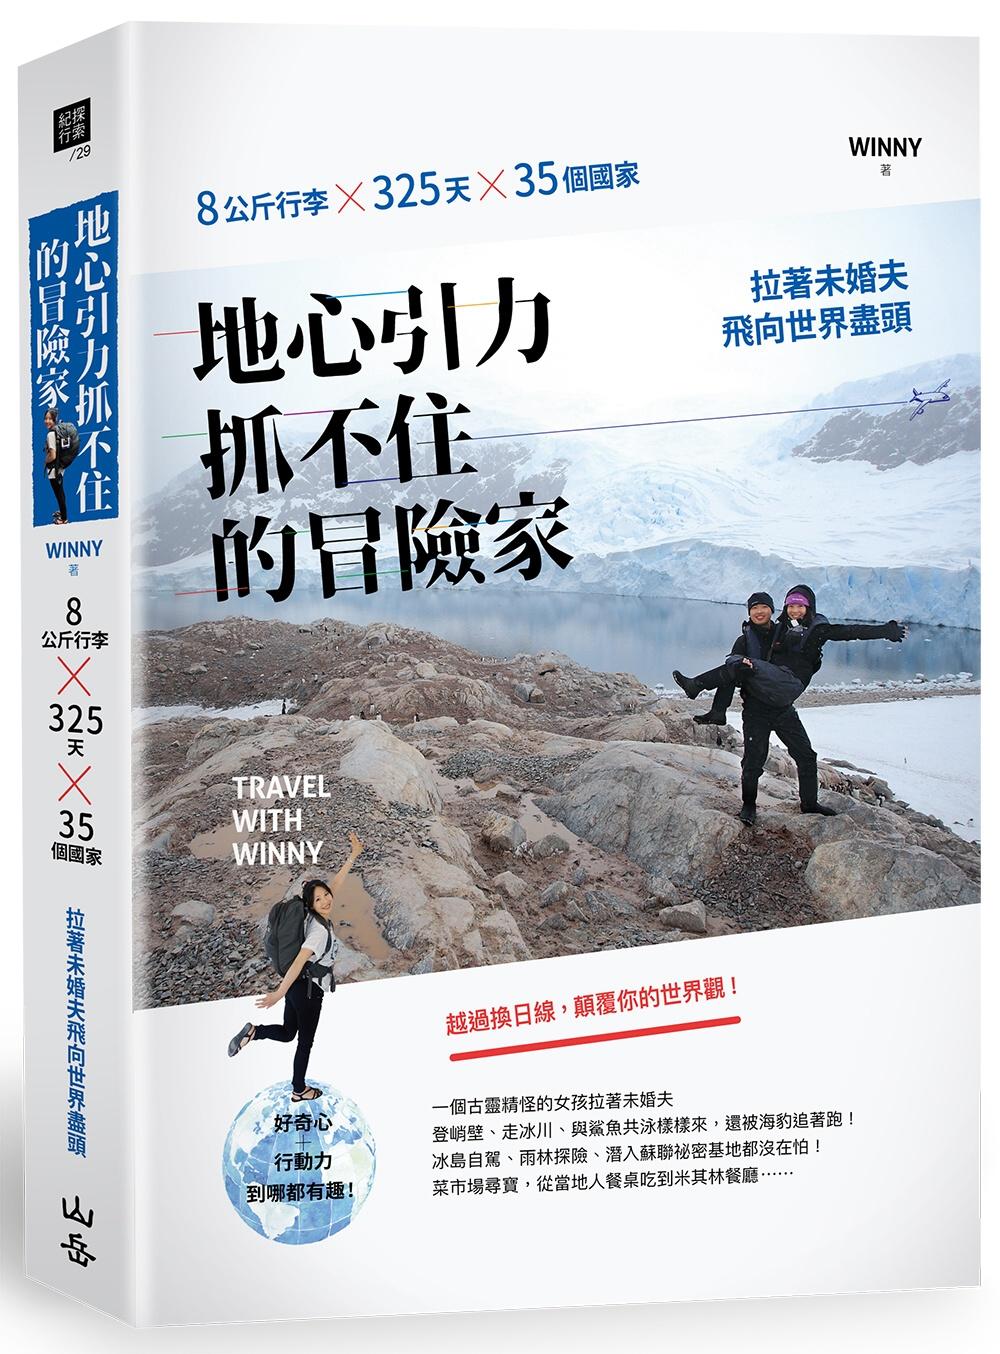 ◤博客來BOOKS◢ 暢銷書榜《推薦》地心引力抓不住的冒險家:8公斤行李×325天×35個國家,拉著未婚夫飛向世界盡頭